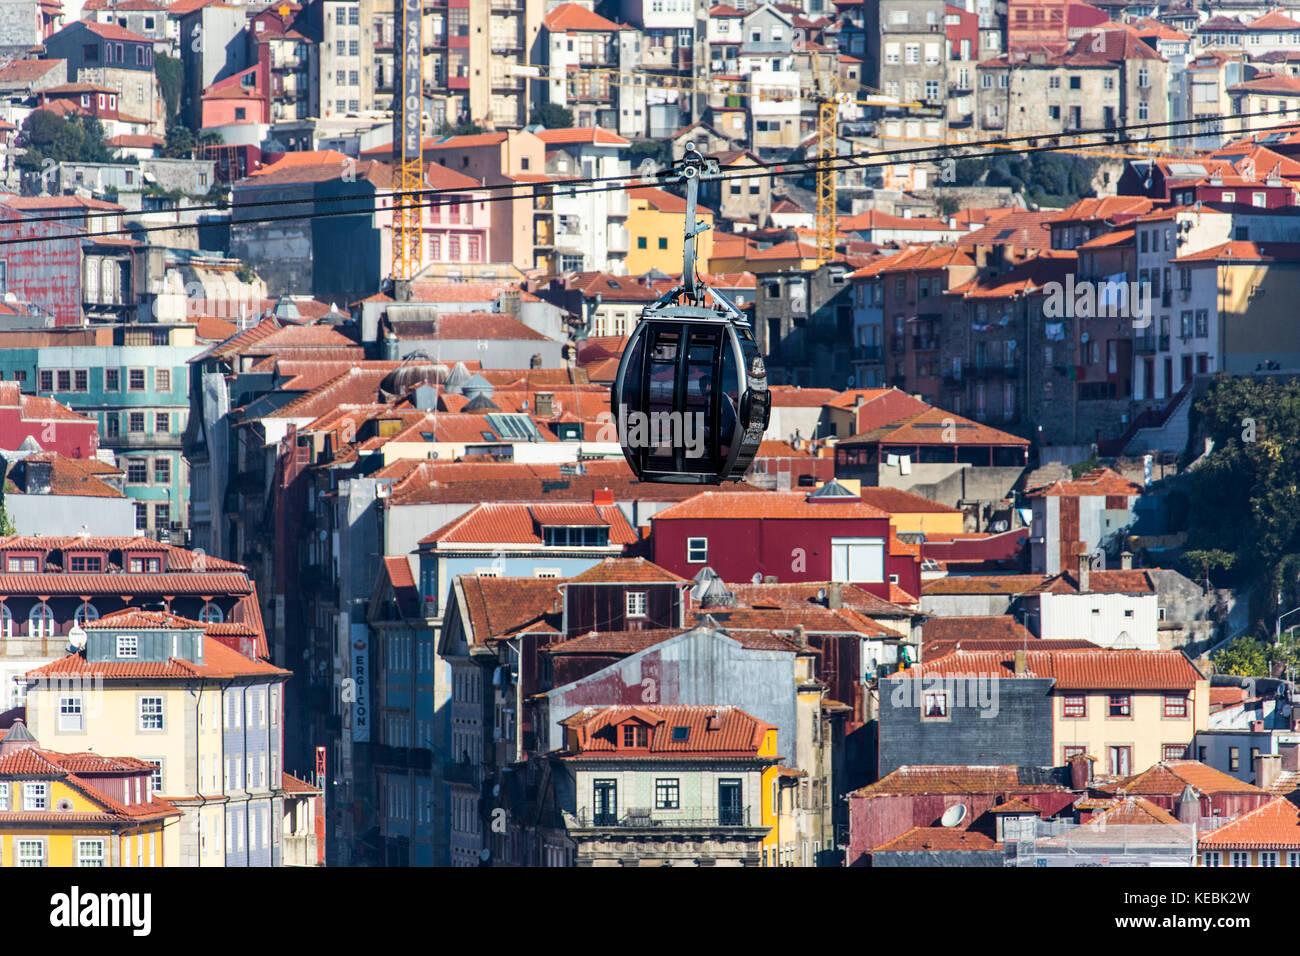 Teleférico de Gaia, cable car in Porto, Portugal - Stock Image